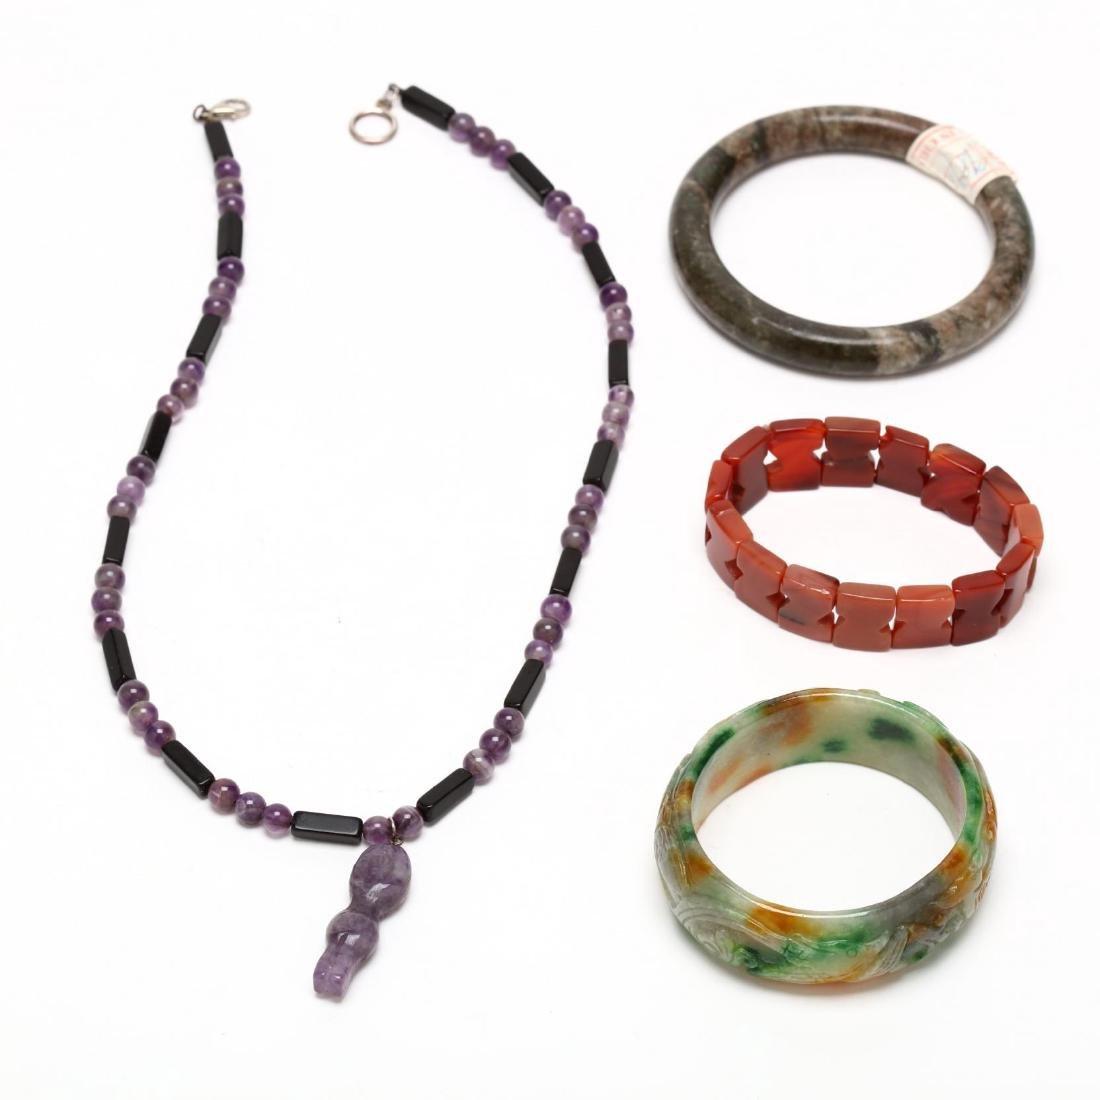 Group of Hardstone Jewelry